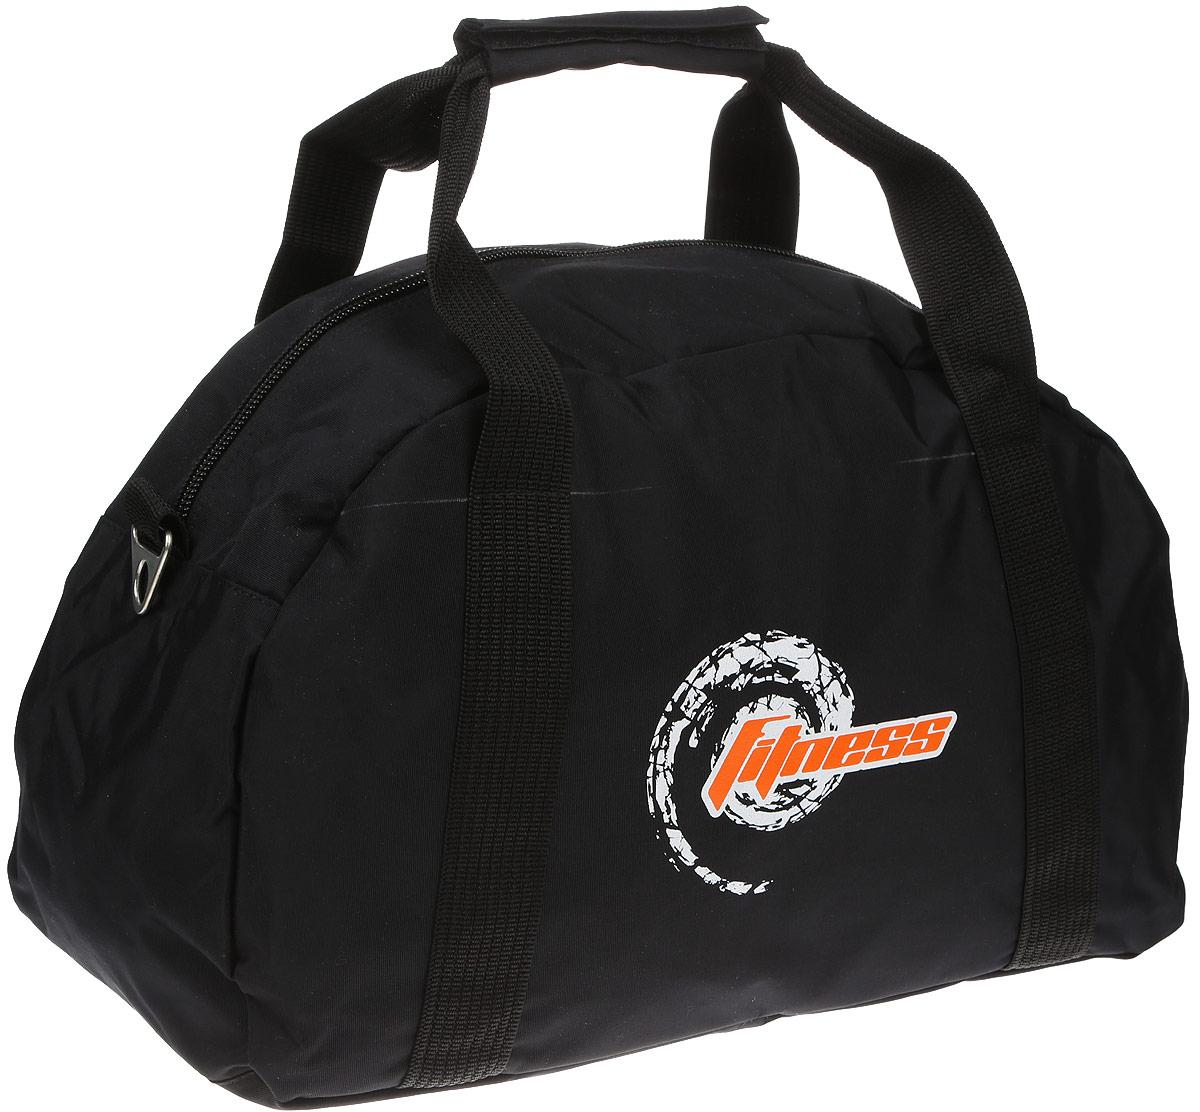 Сумка спортивная Polar, цвет: черный, 20 л. 59975997Спортивная сумка Polar выполнена из высококачественного плотного полиэстера и оформлена фирменным принтом. Сумка оснащена двумяудобными ручками и съемным плечевым ремнем, длина которого регулируетсяс помощью пряжки. Также сумка оснащена пластиковыминожками, которые предотвратят повреждение дна сумки. На тыльной стороне расположен вшитый карман на молнии. На боковой сторонеимеется небольшой карман на молнии. Внутри расположено главное вместительное отделение. Изделие закрывается на застежку-молнию.